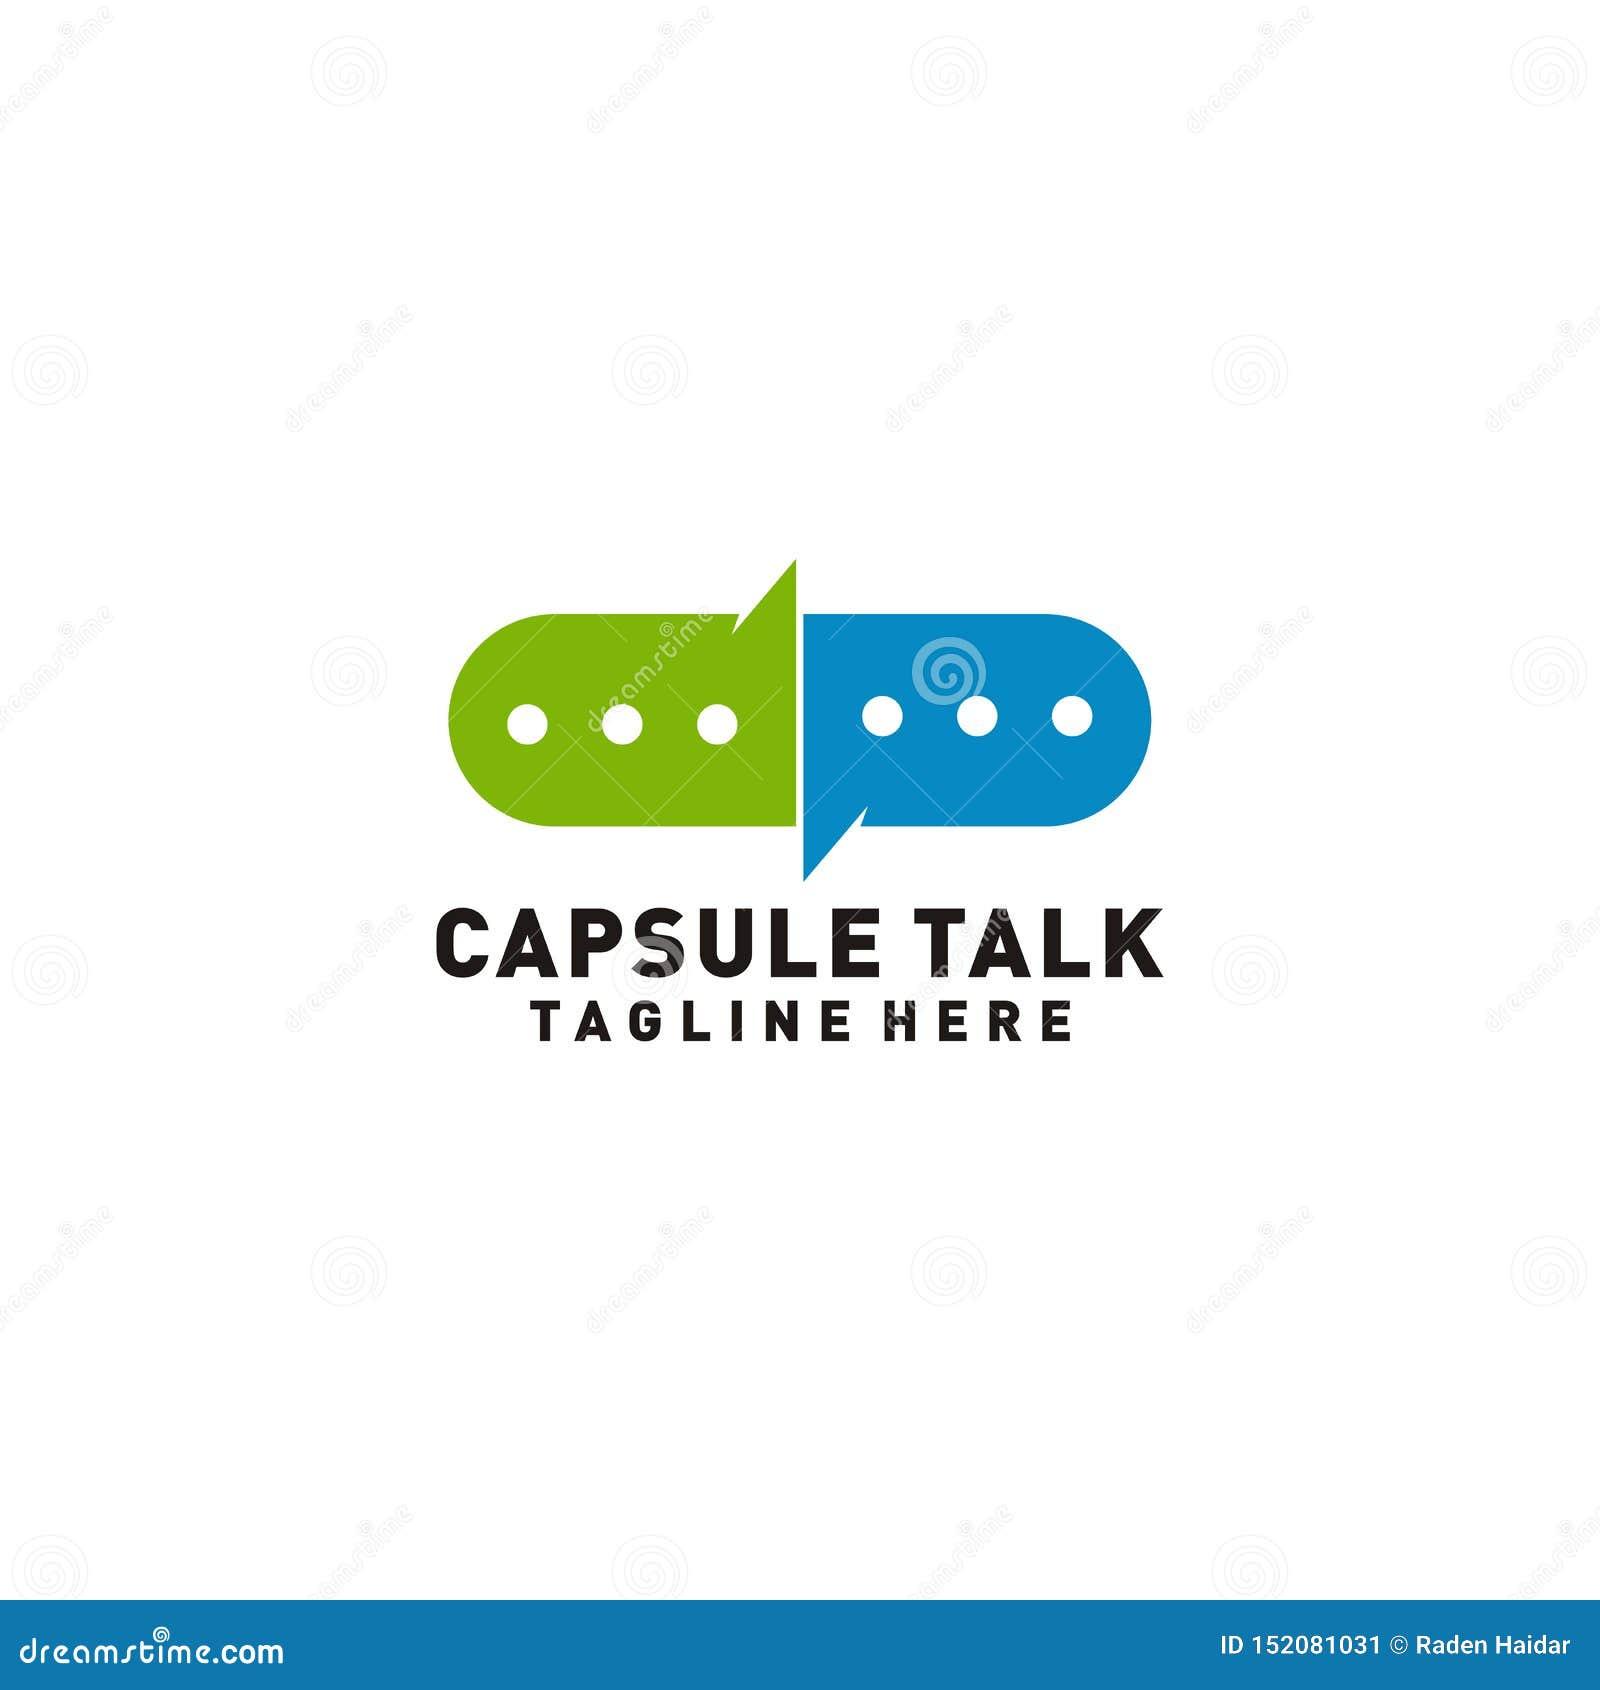 Λογότυπο συζήτησης καψών ιατρικό ή απεικόνιση του ιατρικού συμβούλου